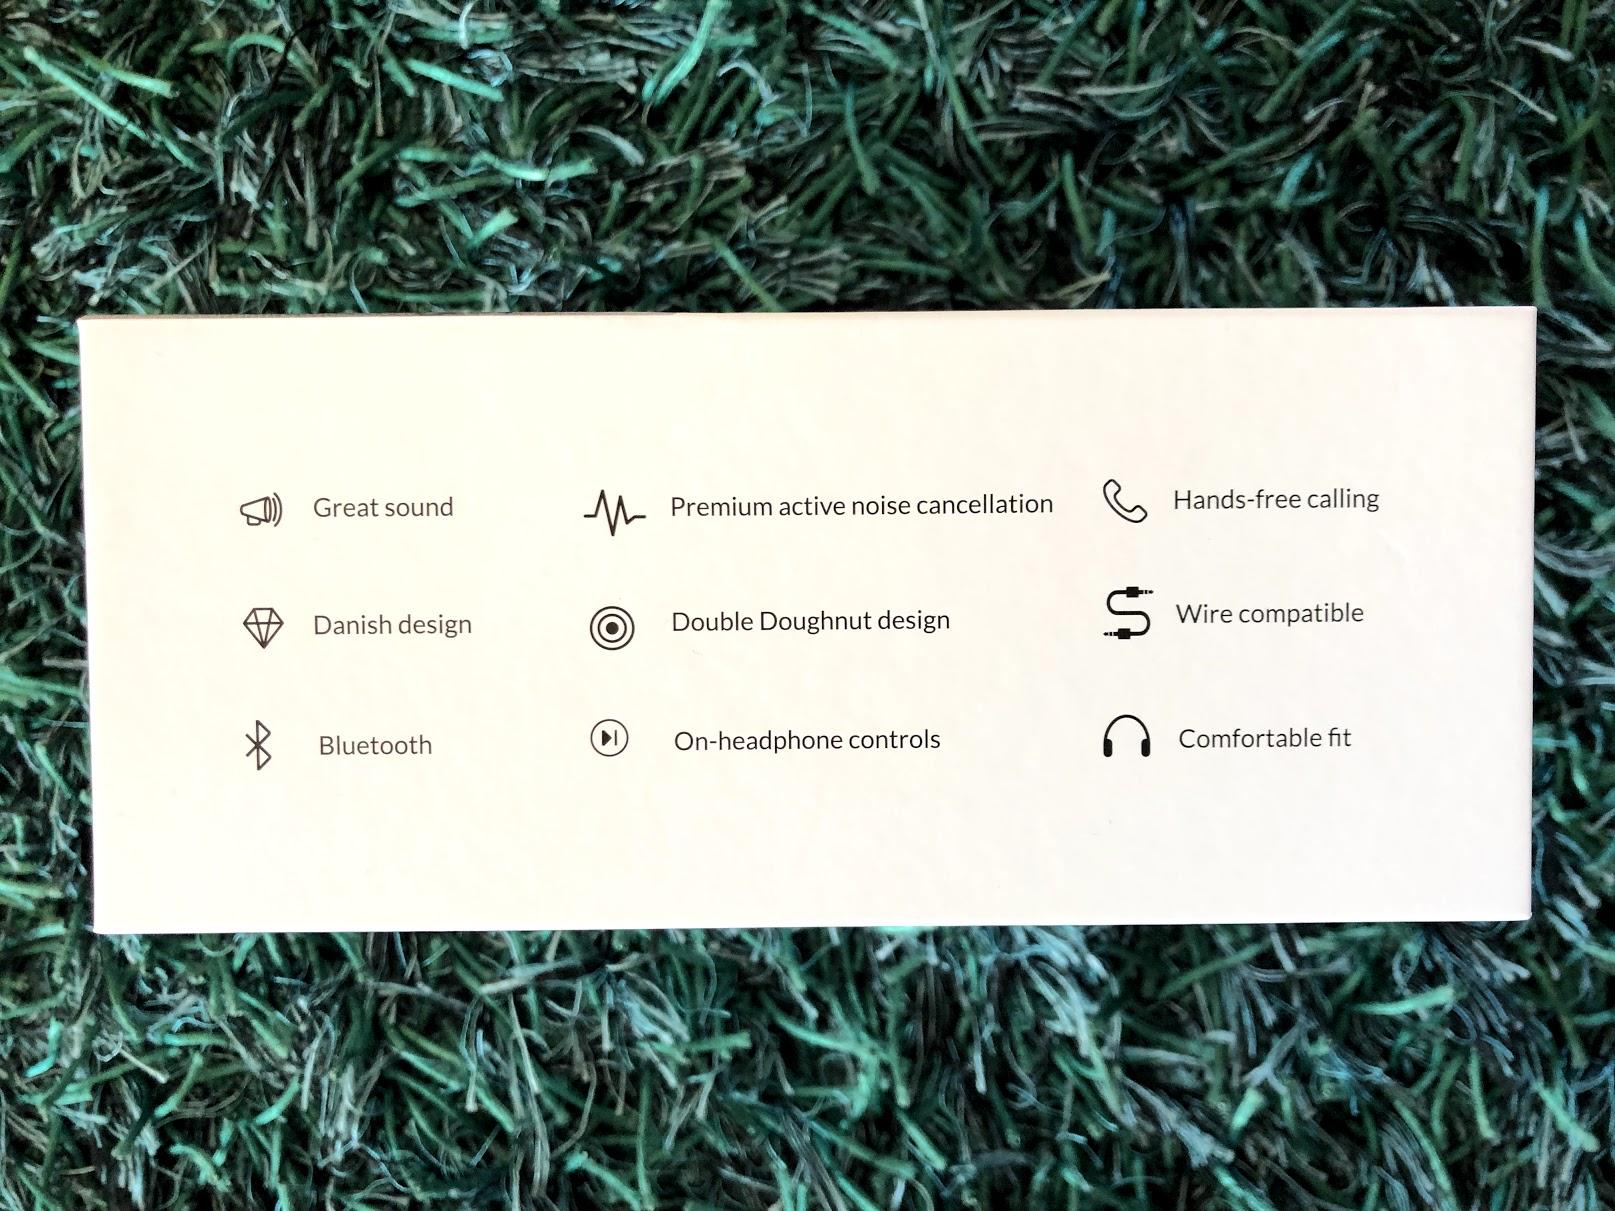 Grå udgave - test af touchit hovedtelefoner med aktiv noise cancellation støjreduktion hovedtelefoner med støjdæmpning anmeldelse touchit vs quietcomfort 35ii